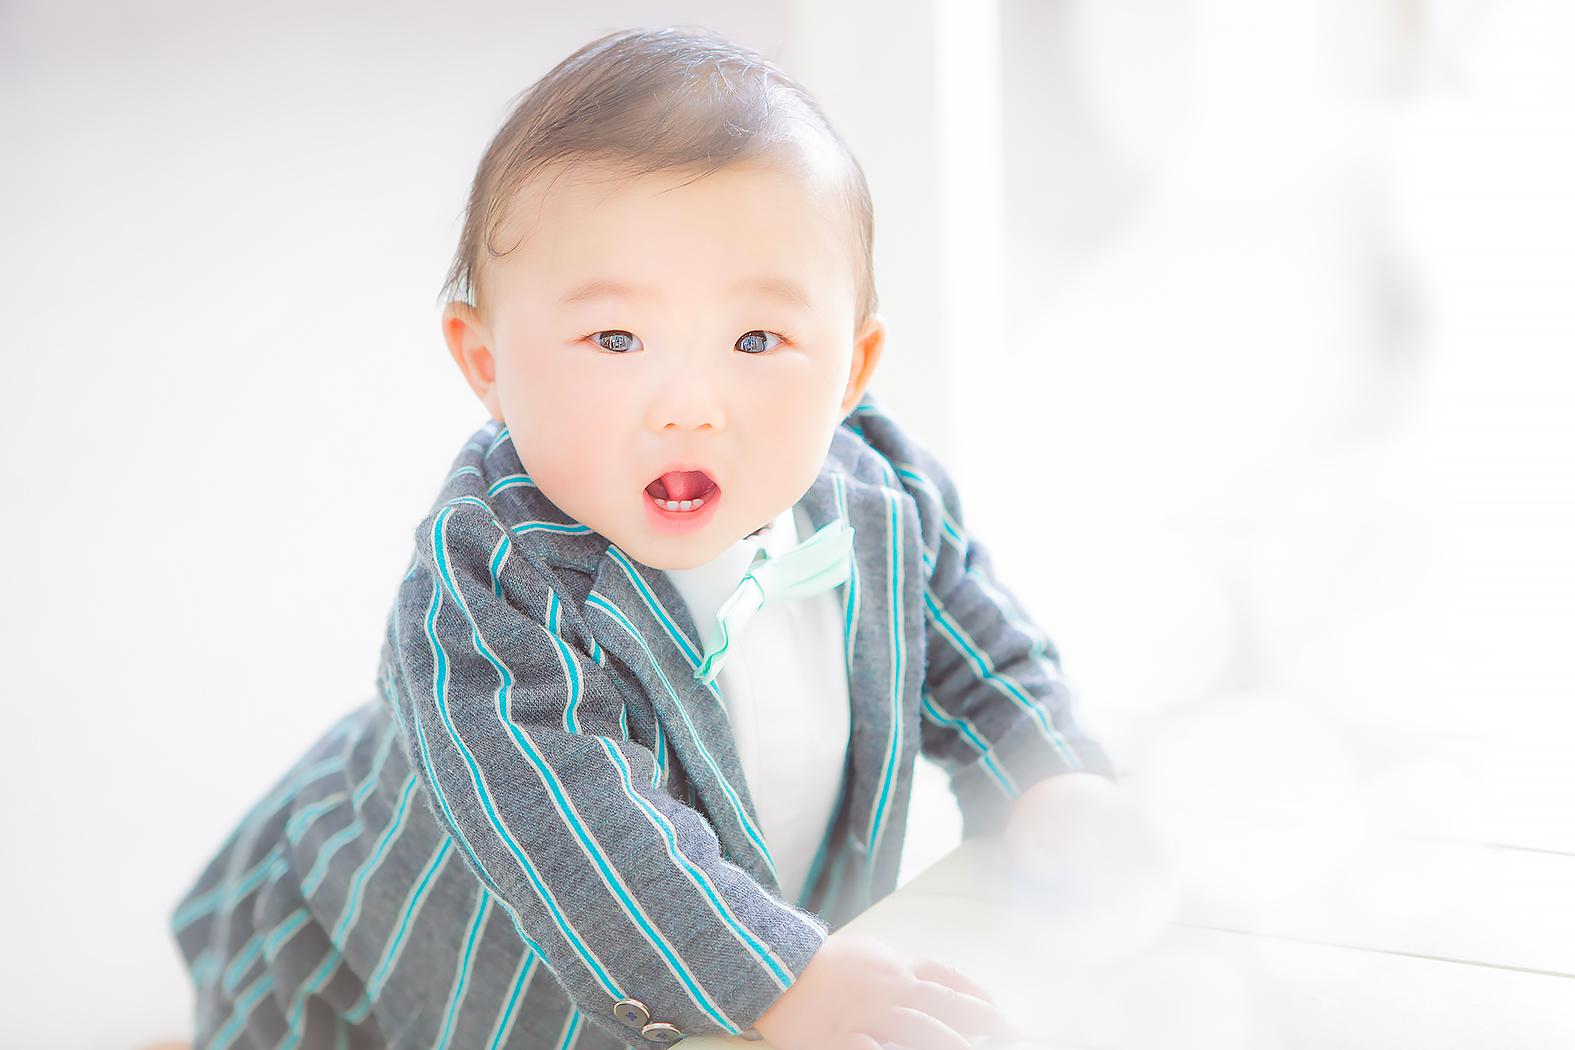 ハーフバースデー,記念写真,赤ちゃん